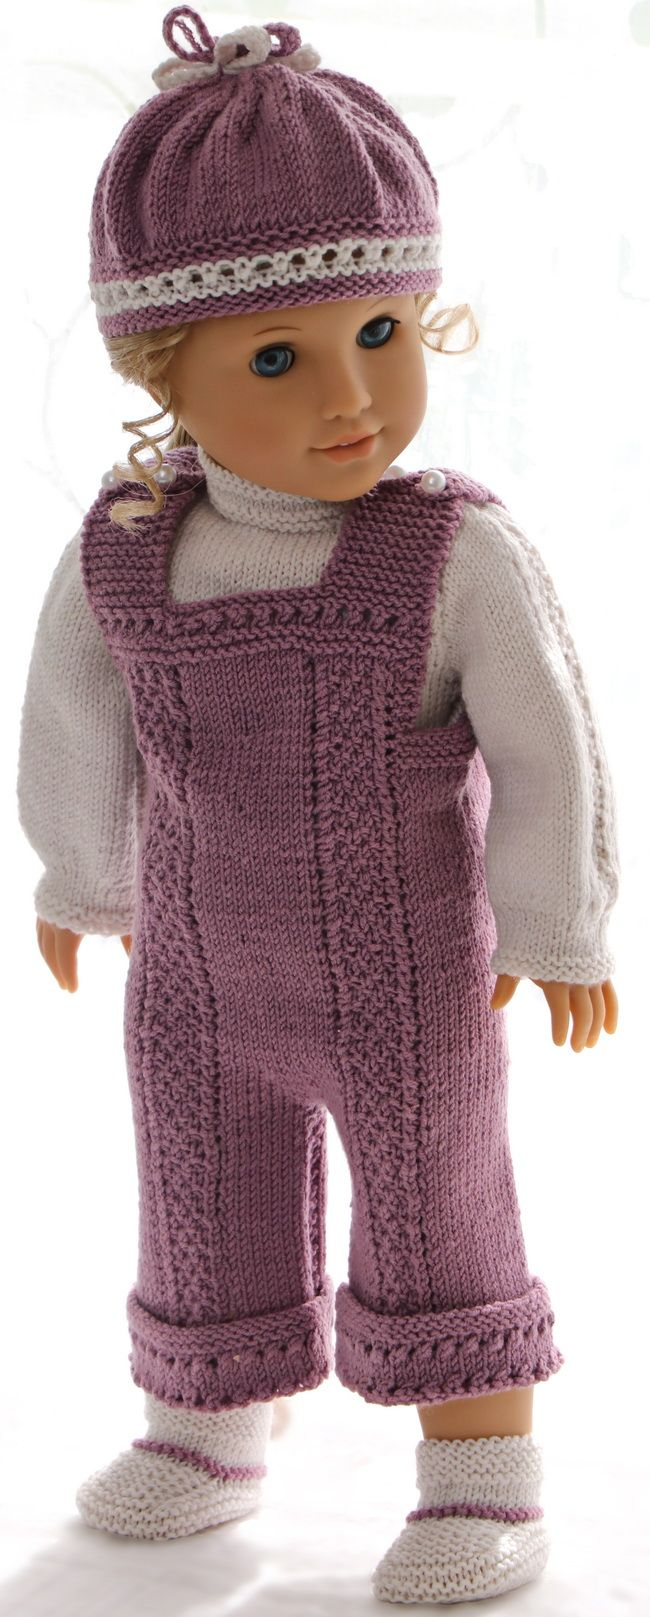 Puppen Pullover Stricken Anleitung Süsses Für Die Puppen